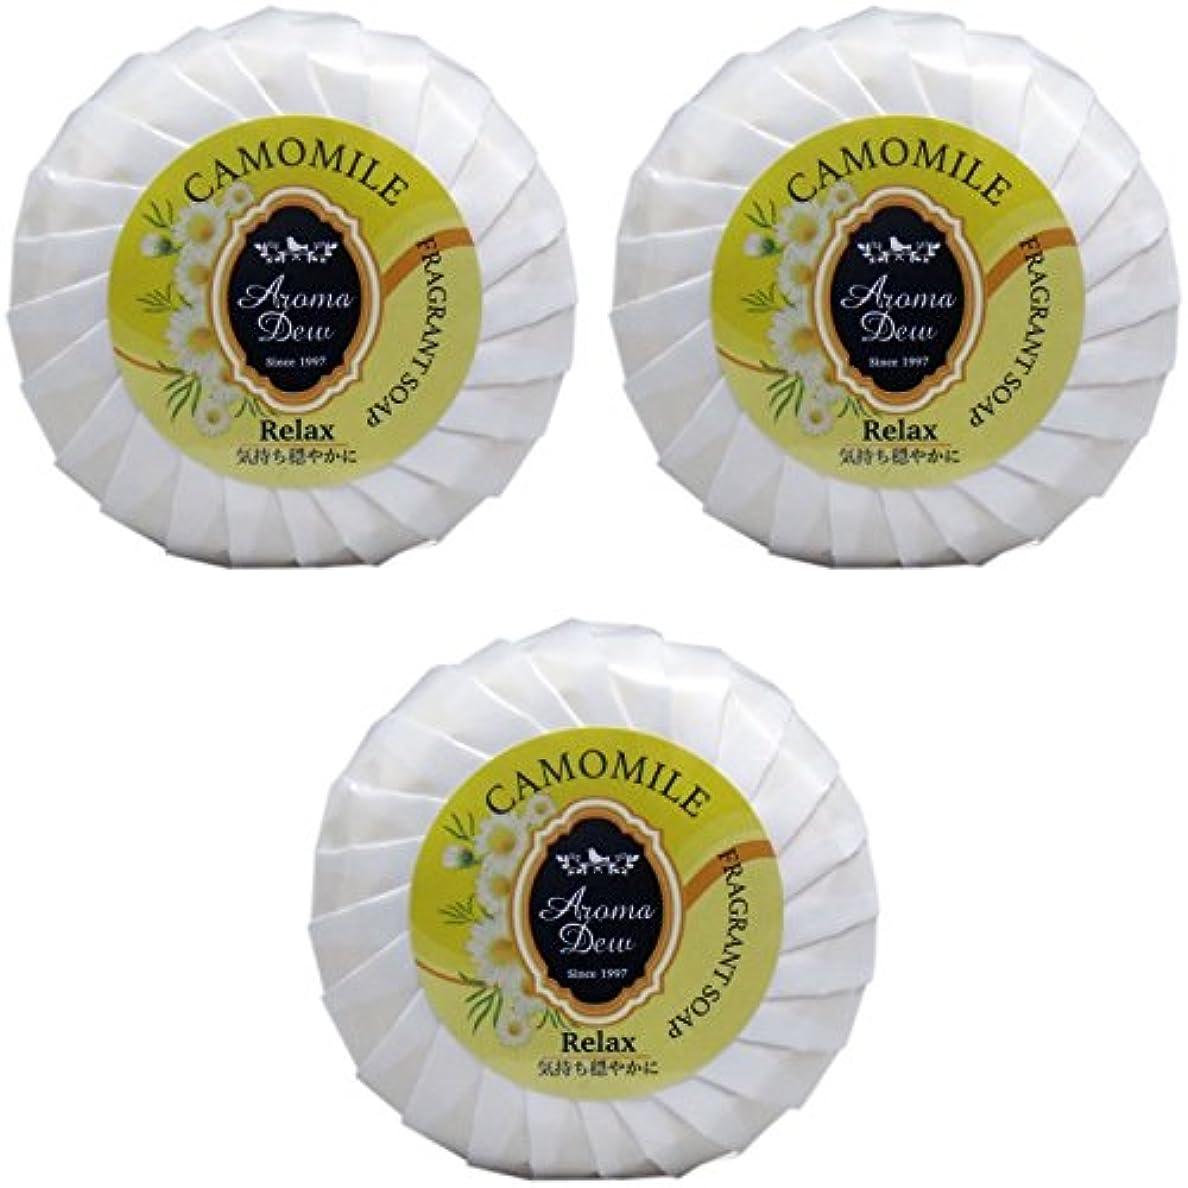 【まとめ買い】アロマデュウ フレグラントソープ カモミールの香り 100g【×3個】